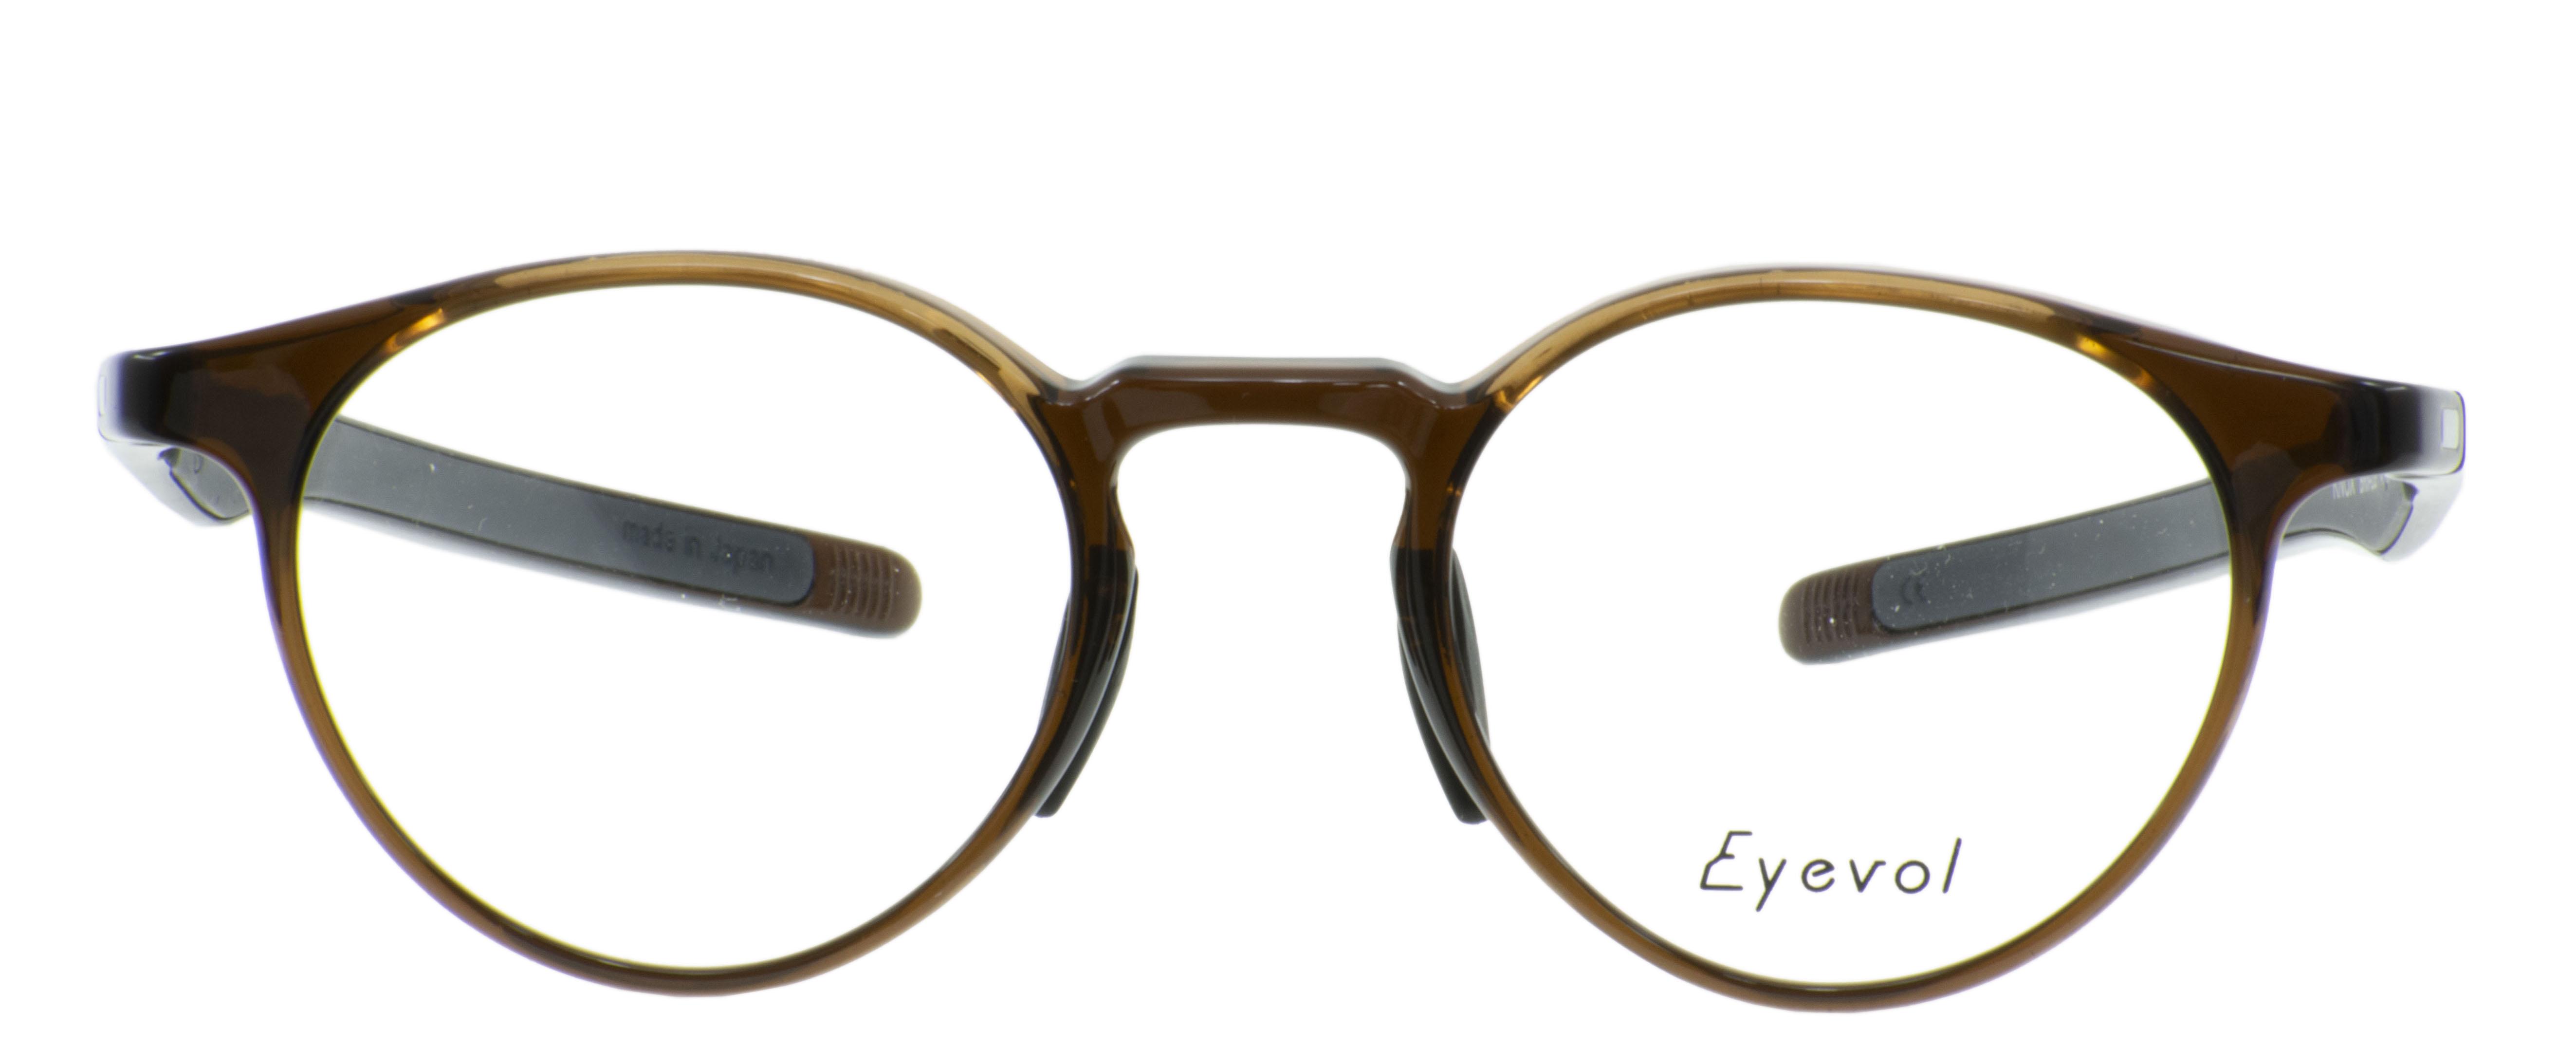 Eyevol KNOX 47 BRN LG ¥20,000 01